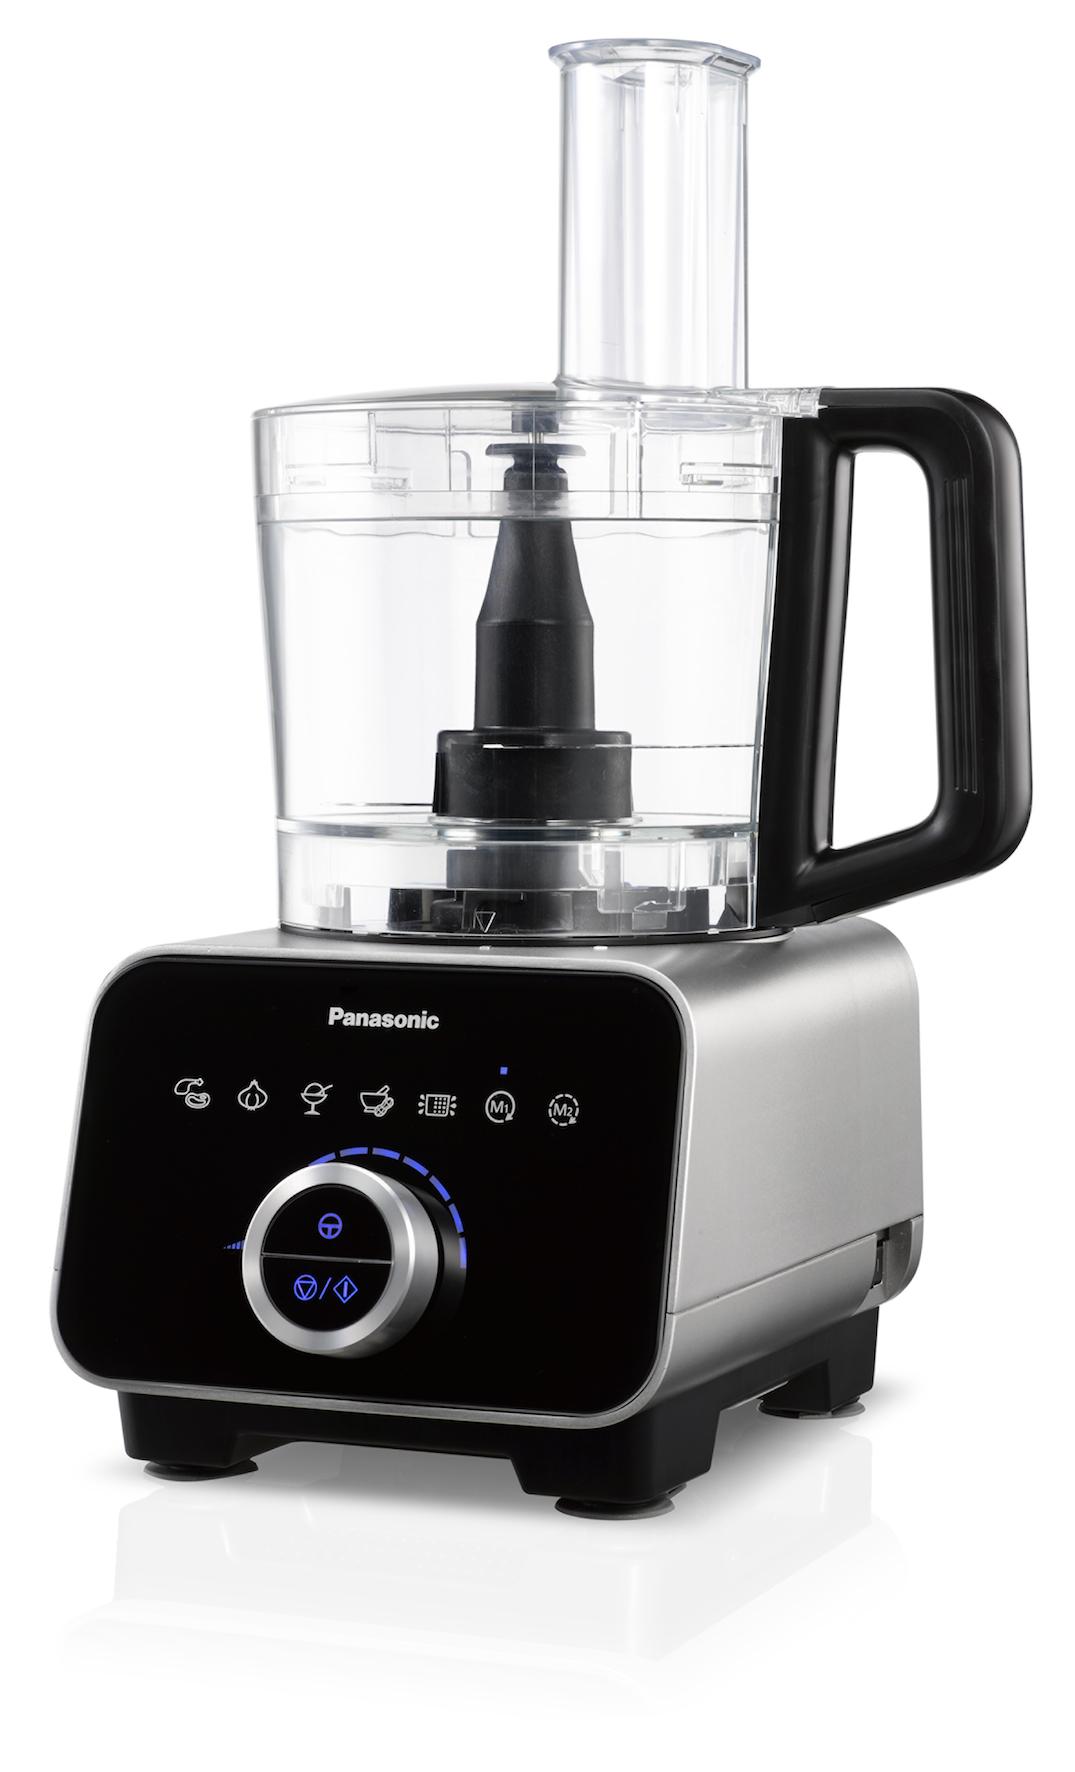 ▷ Panasonic erweitert sein Sortiment um weitere Küchengeräte ...